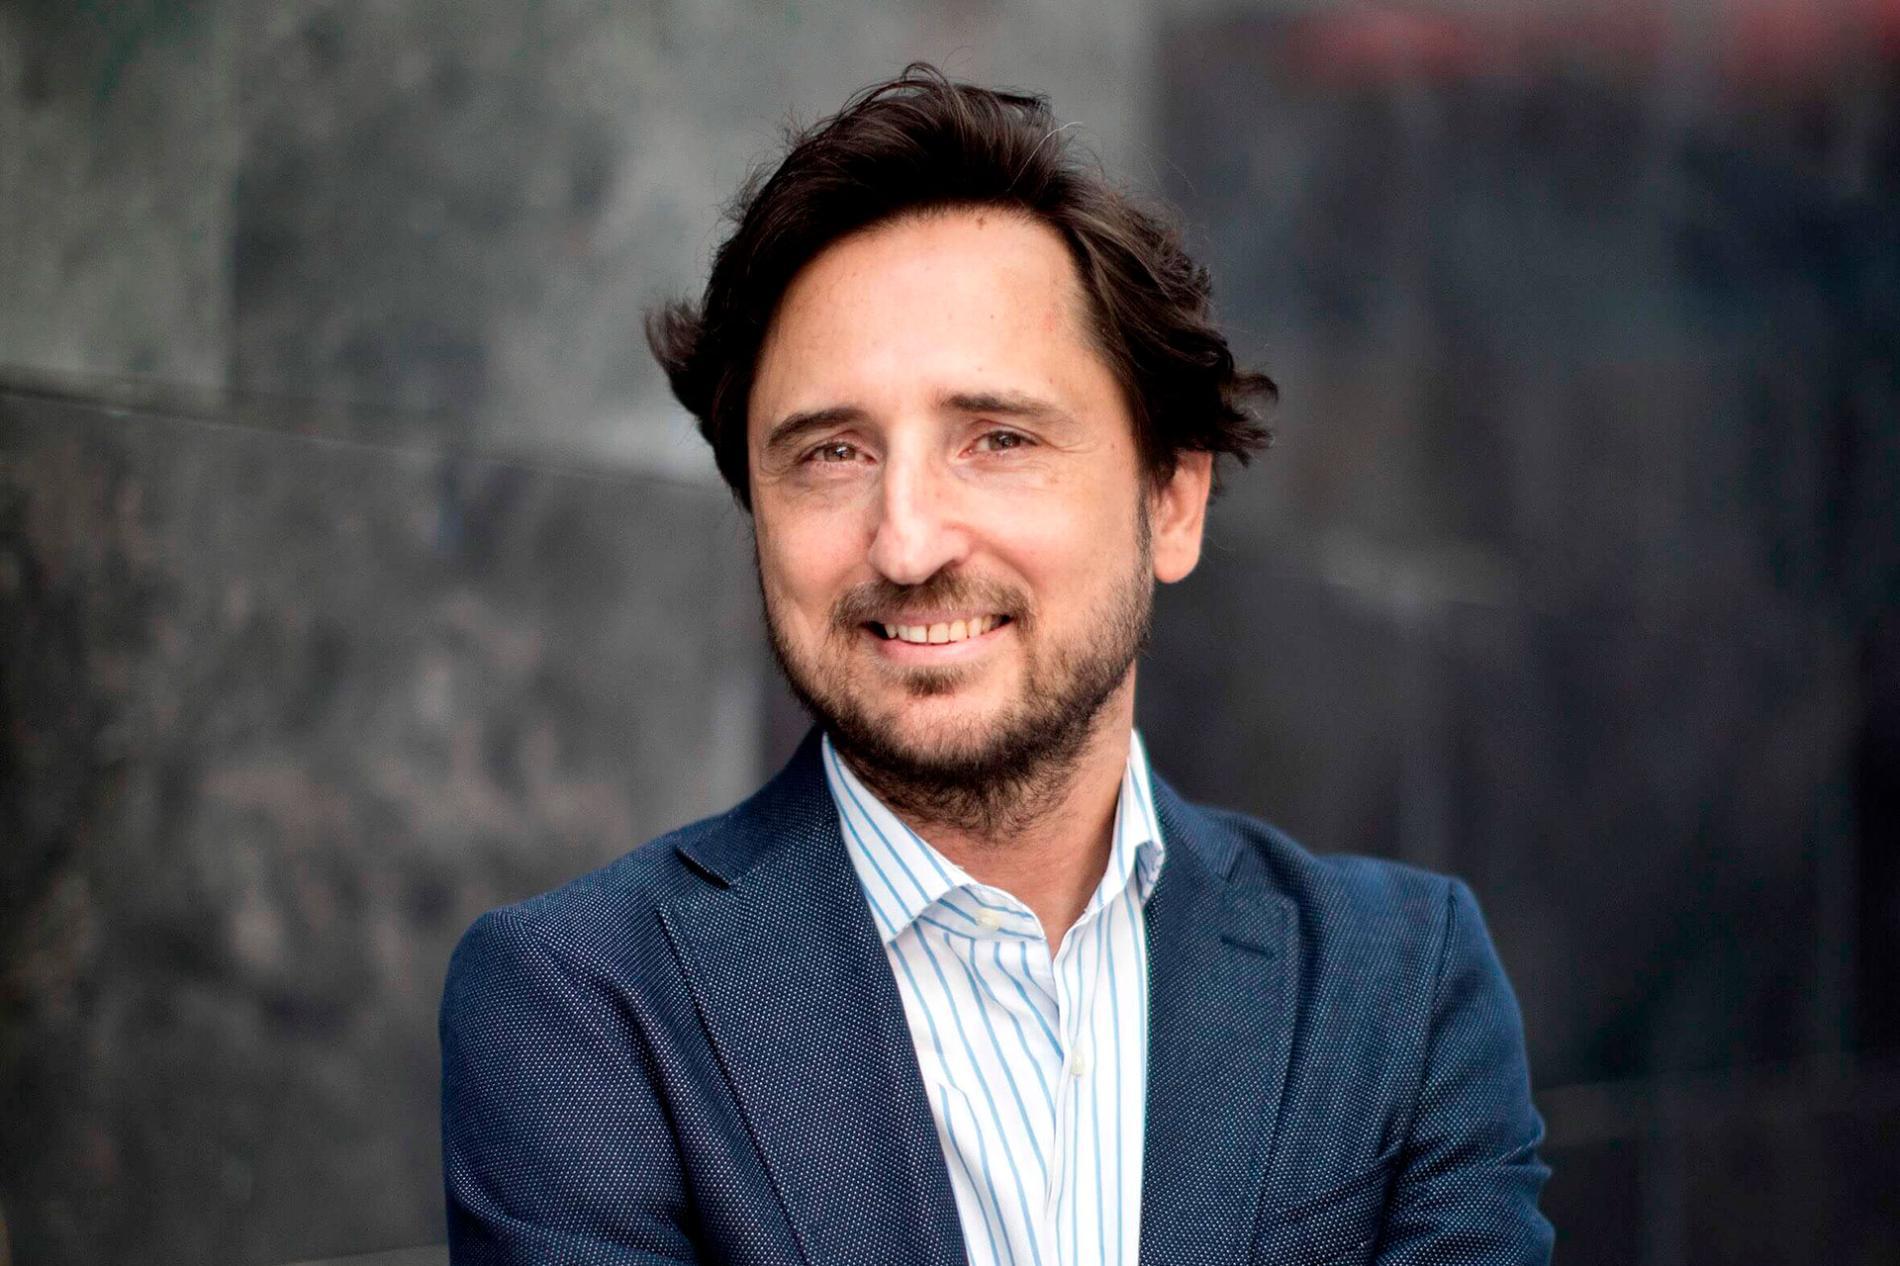 Interview Estrategia Digital Jose Javier Blanquer